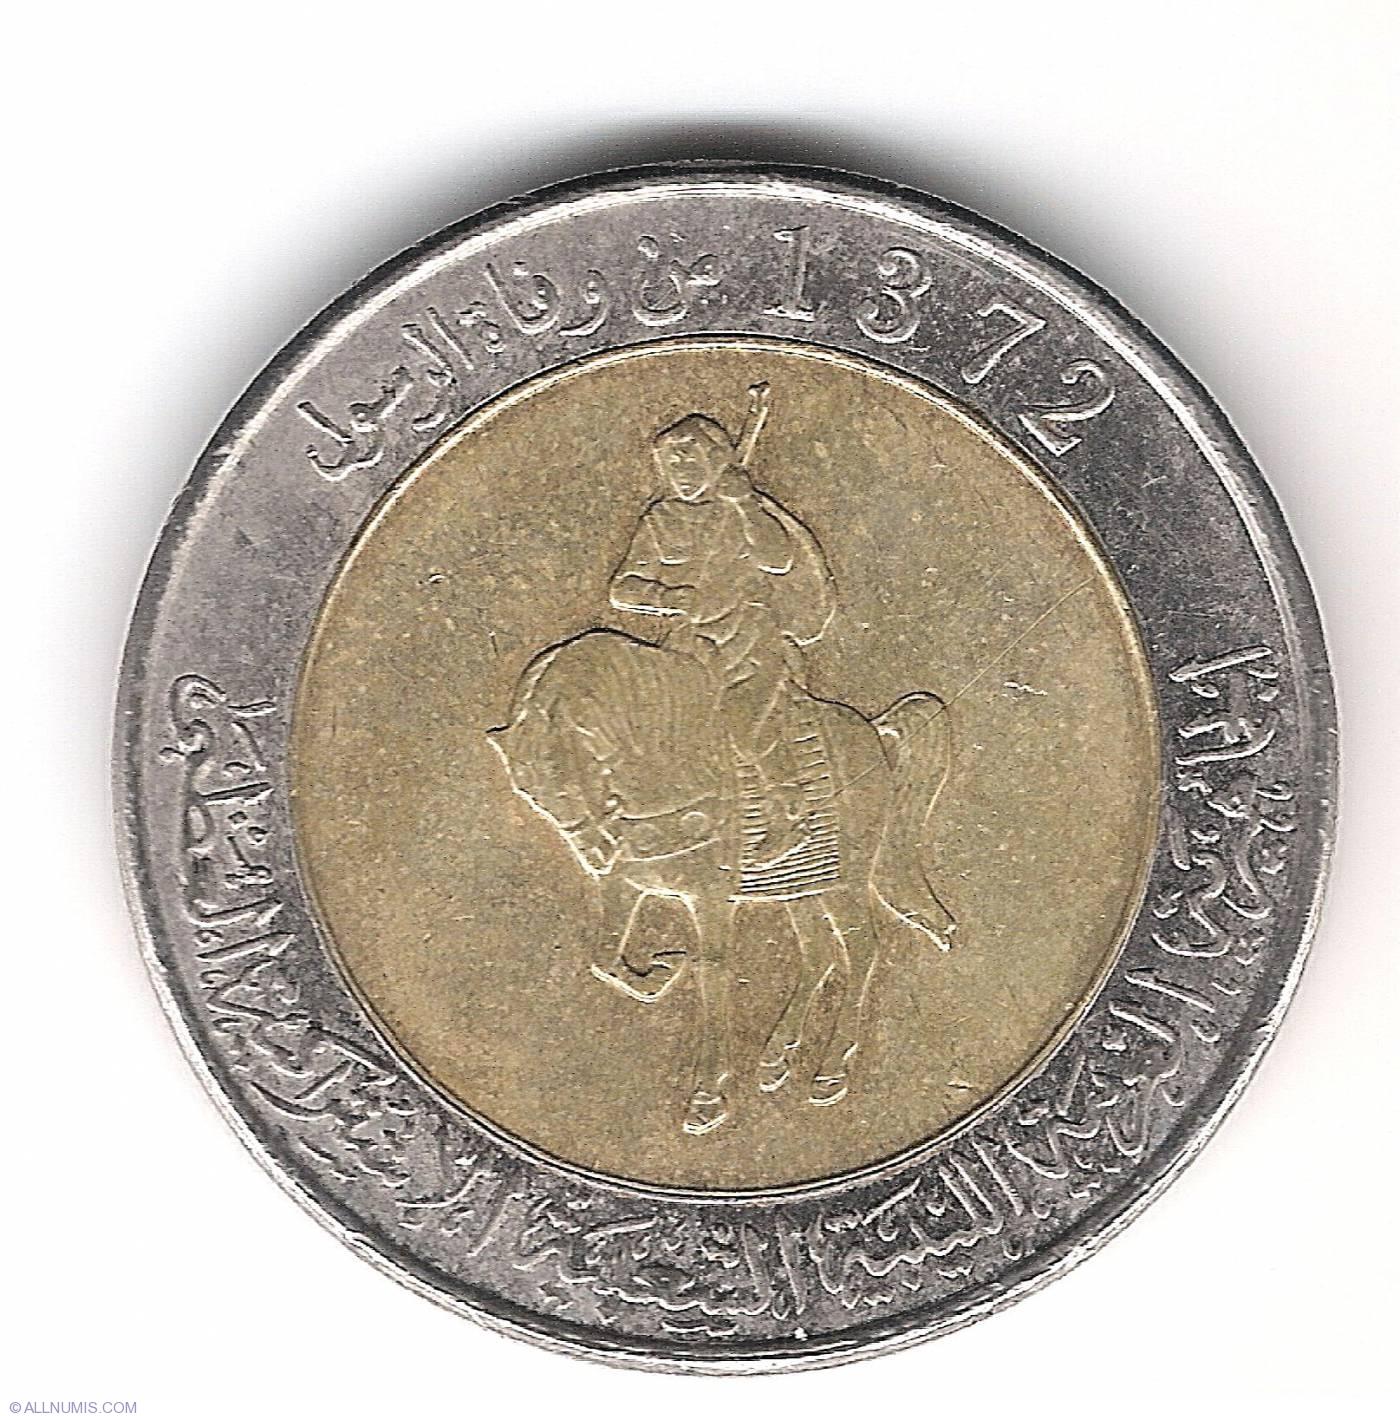 1/2 Dinar 2004 (AH 1372) ...